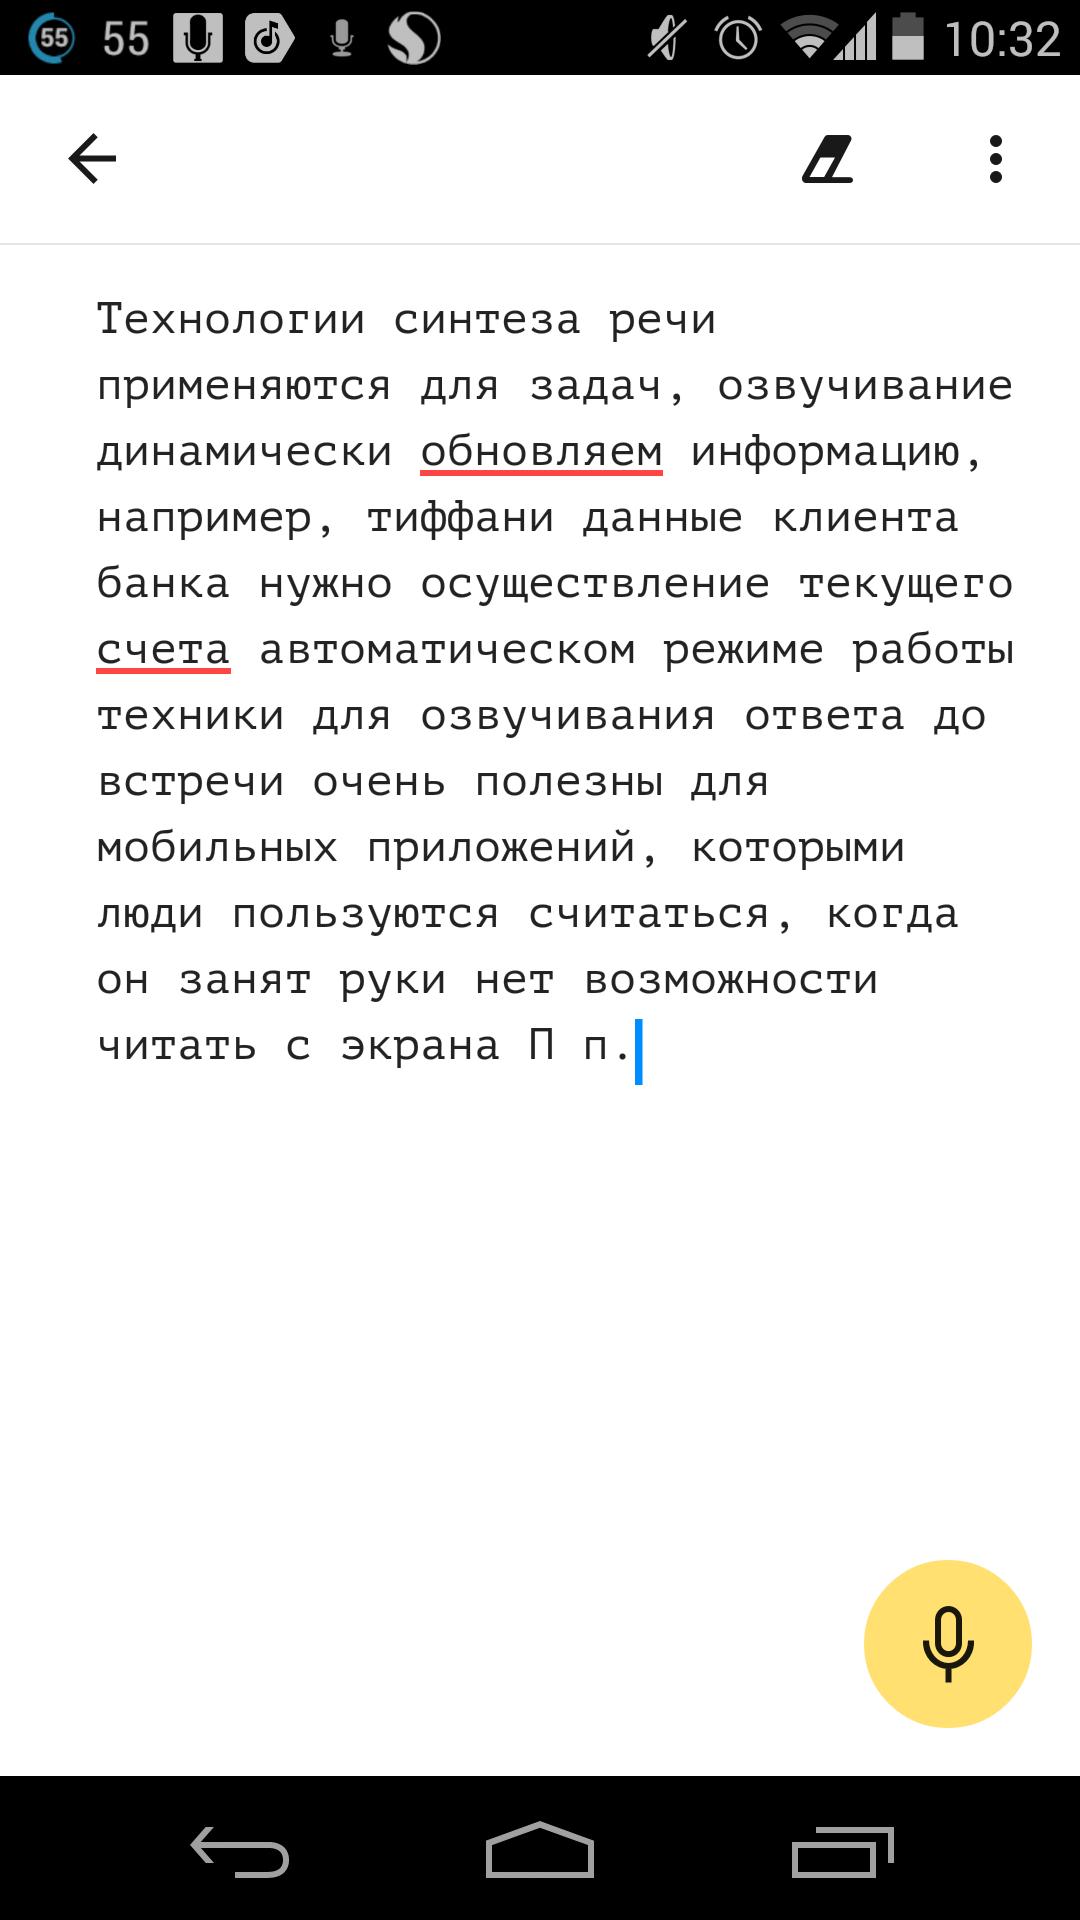 Яндекс Диктовка